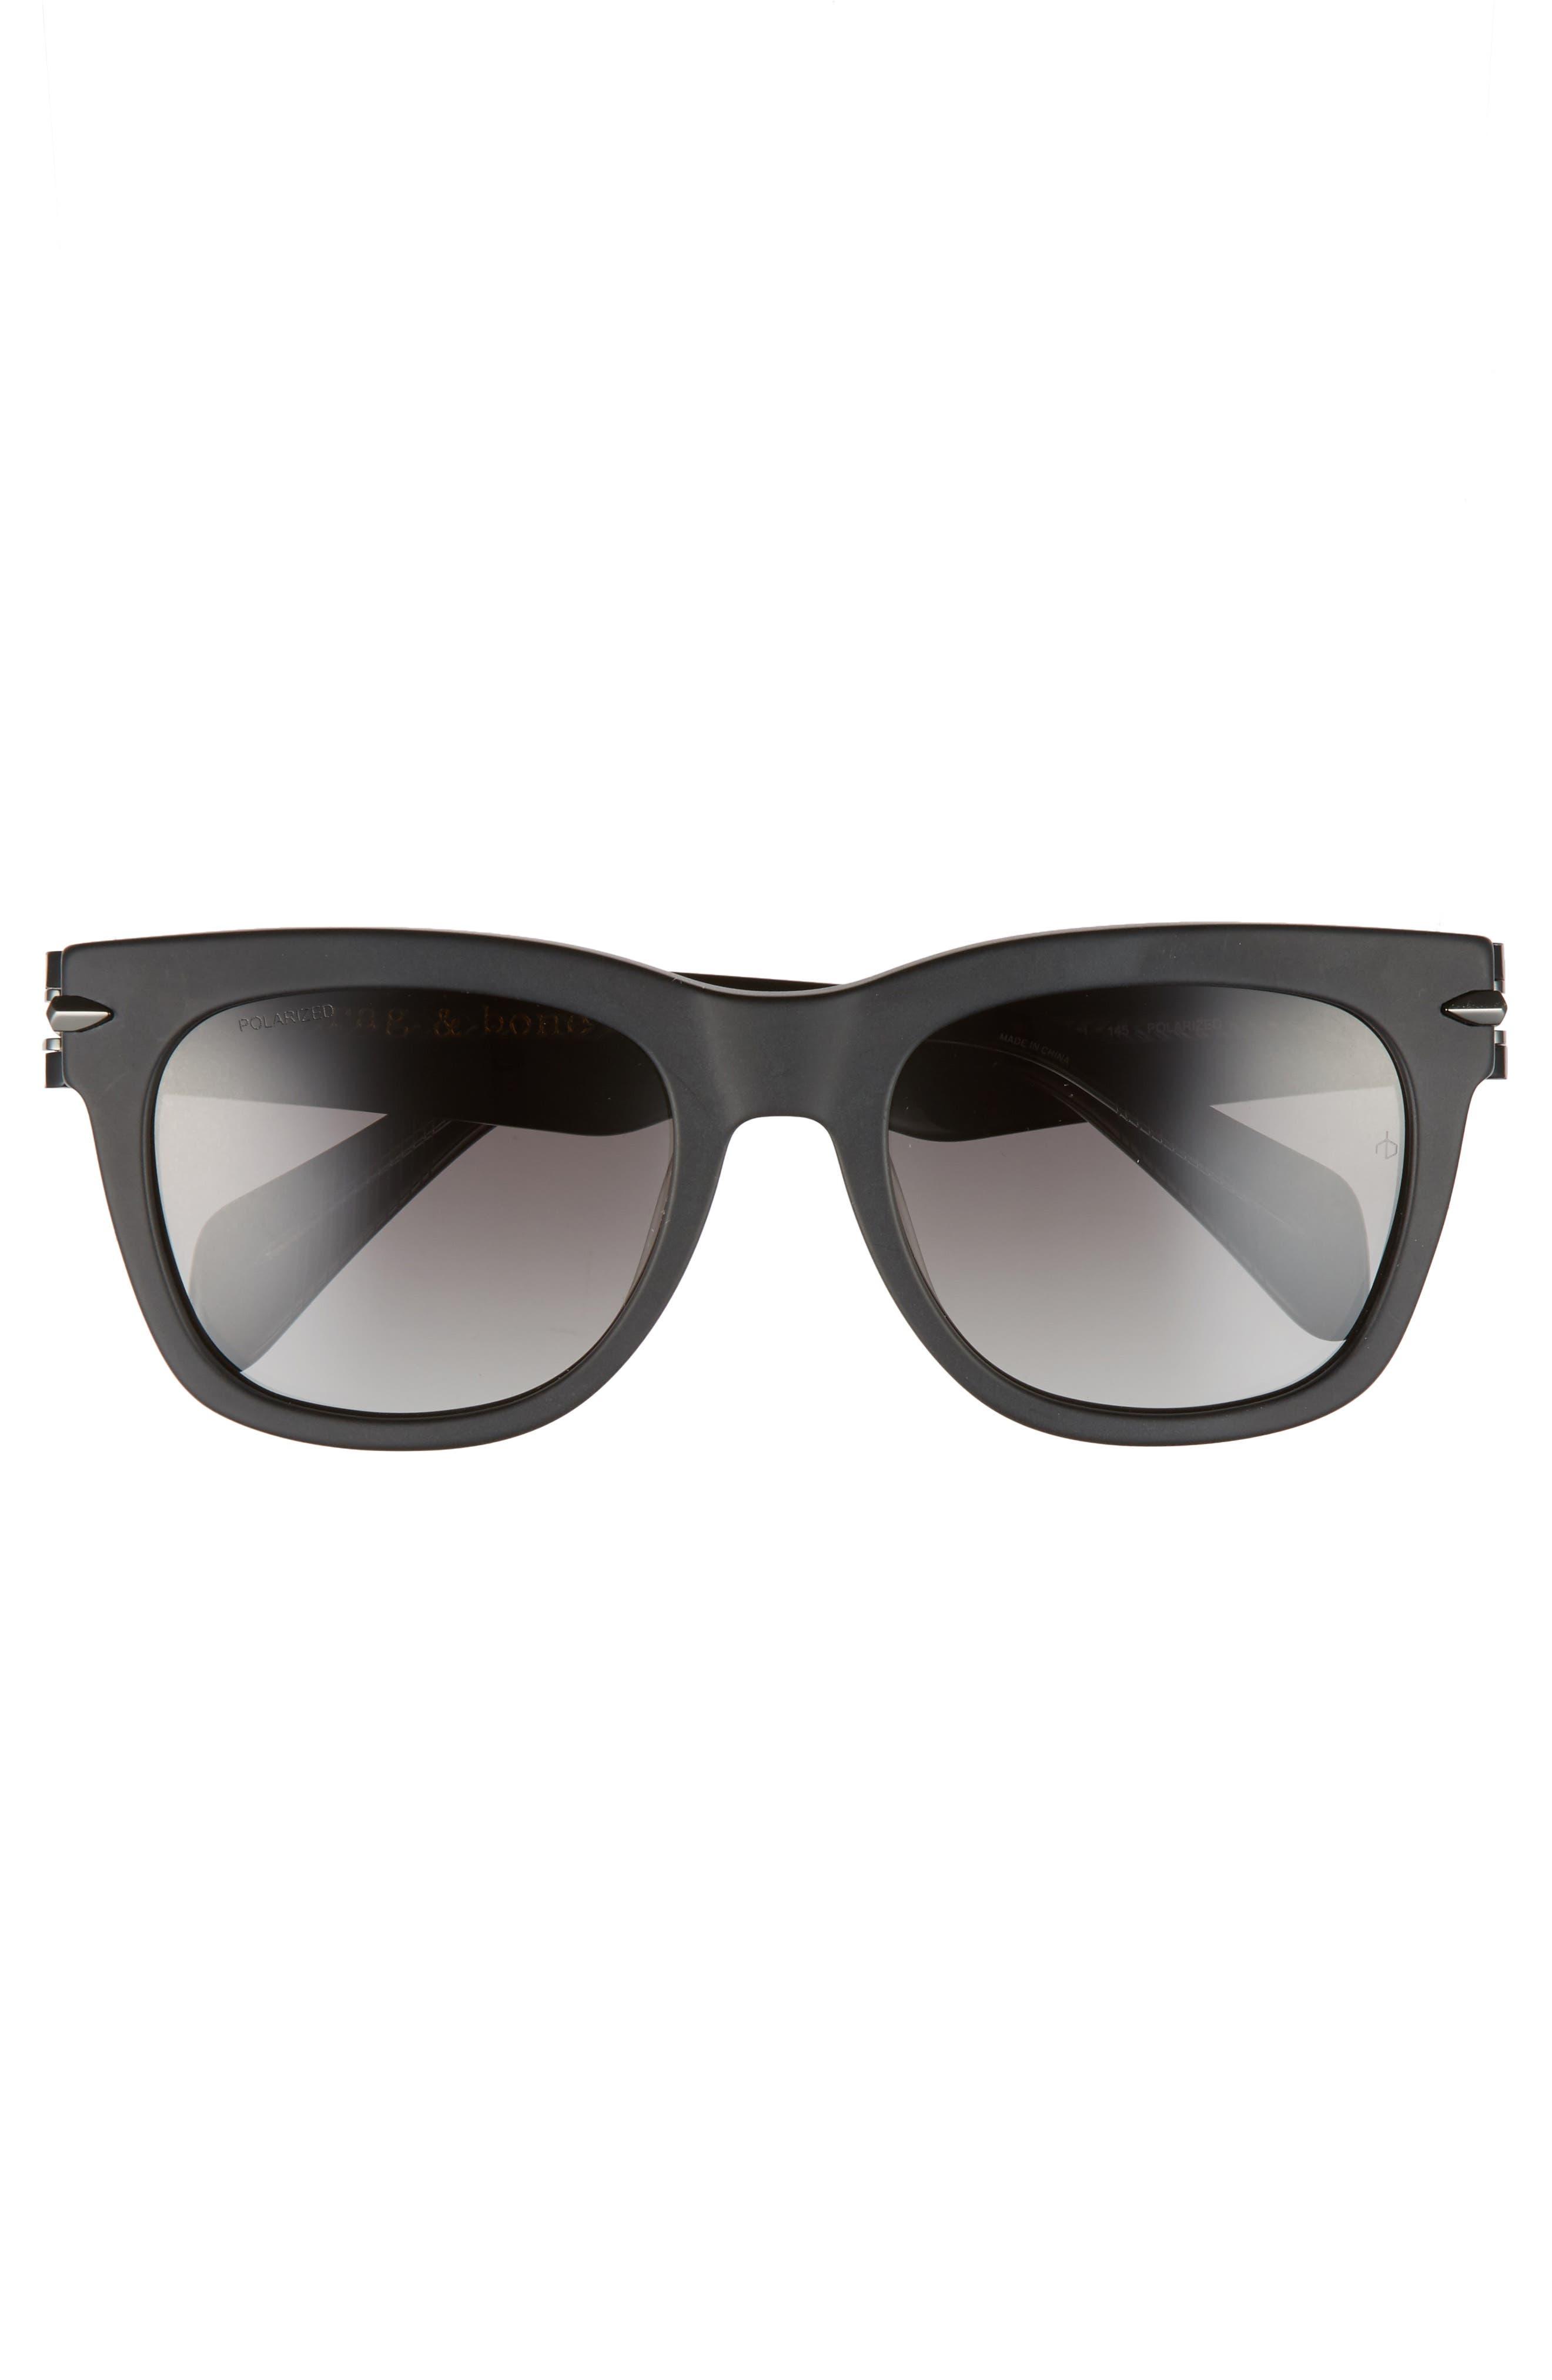 54mm Polarized Sunglasses,                             Alternate thumbnail 2, color,                             MATTE BLACK/ POLAR